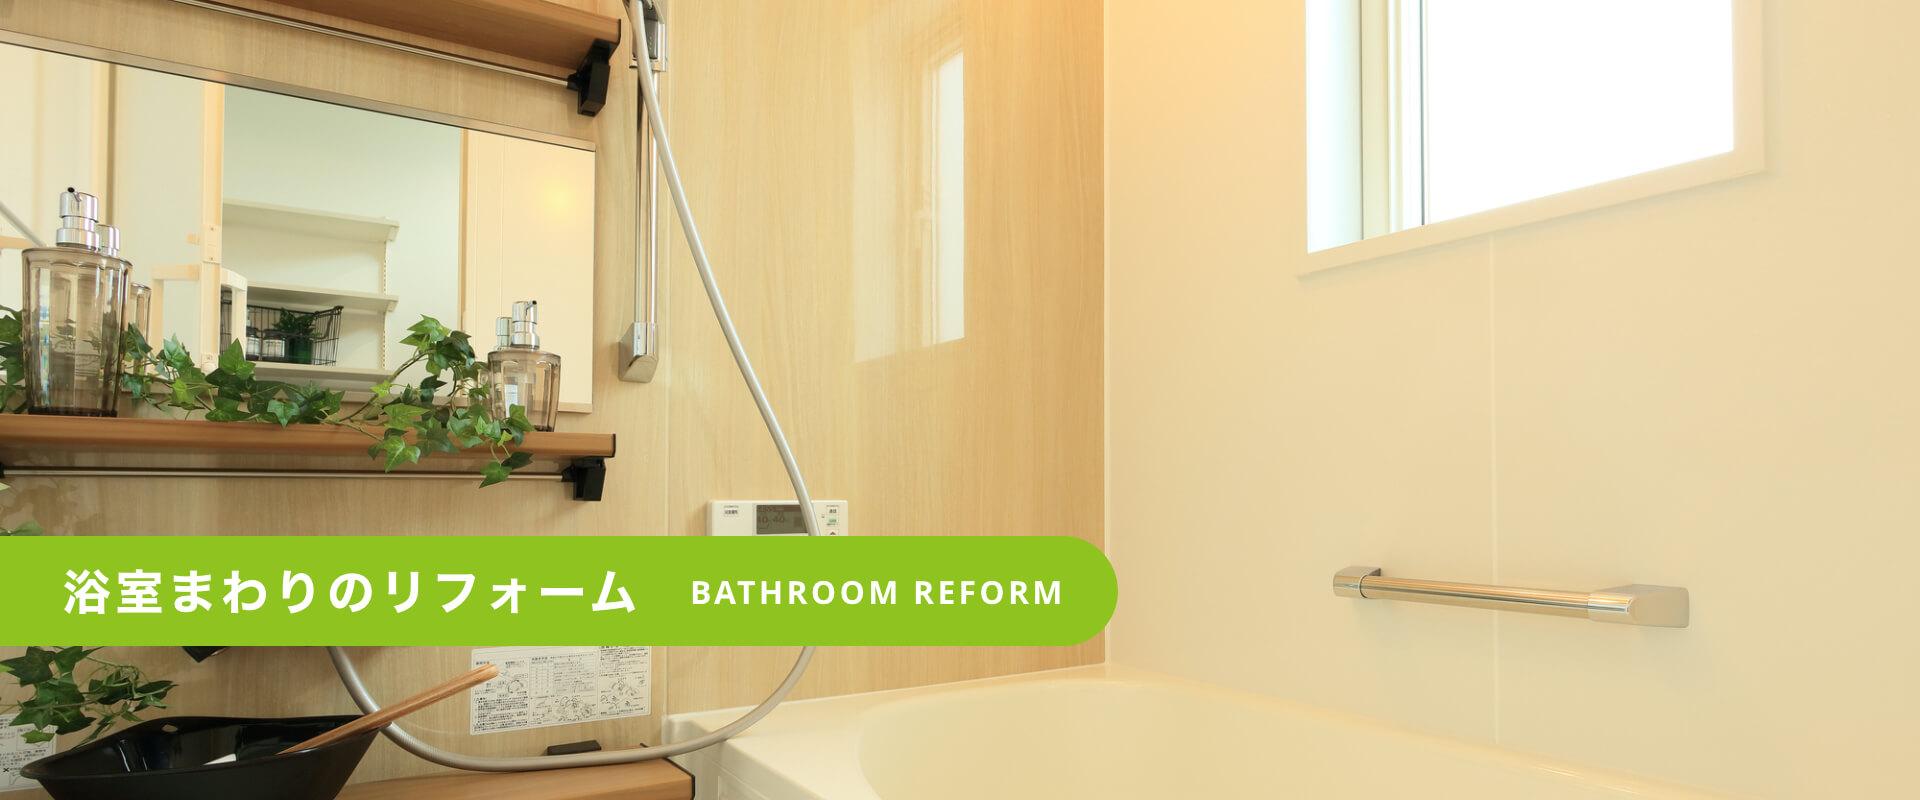 浴室まわりのリフォーム